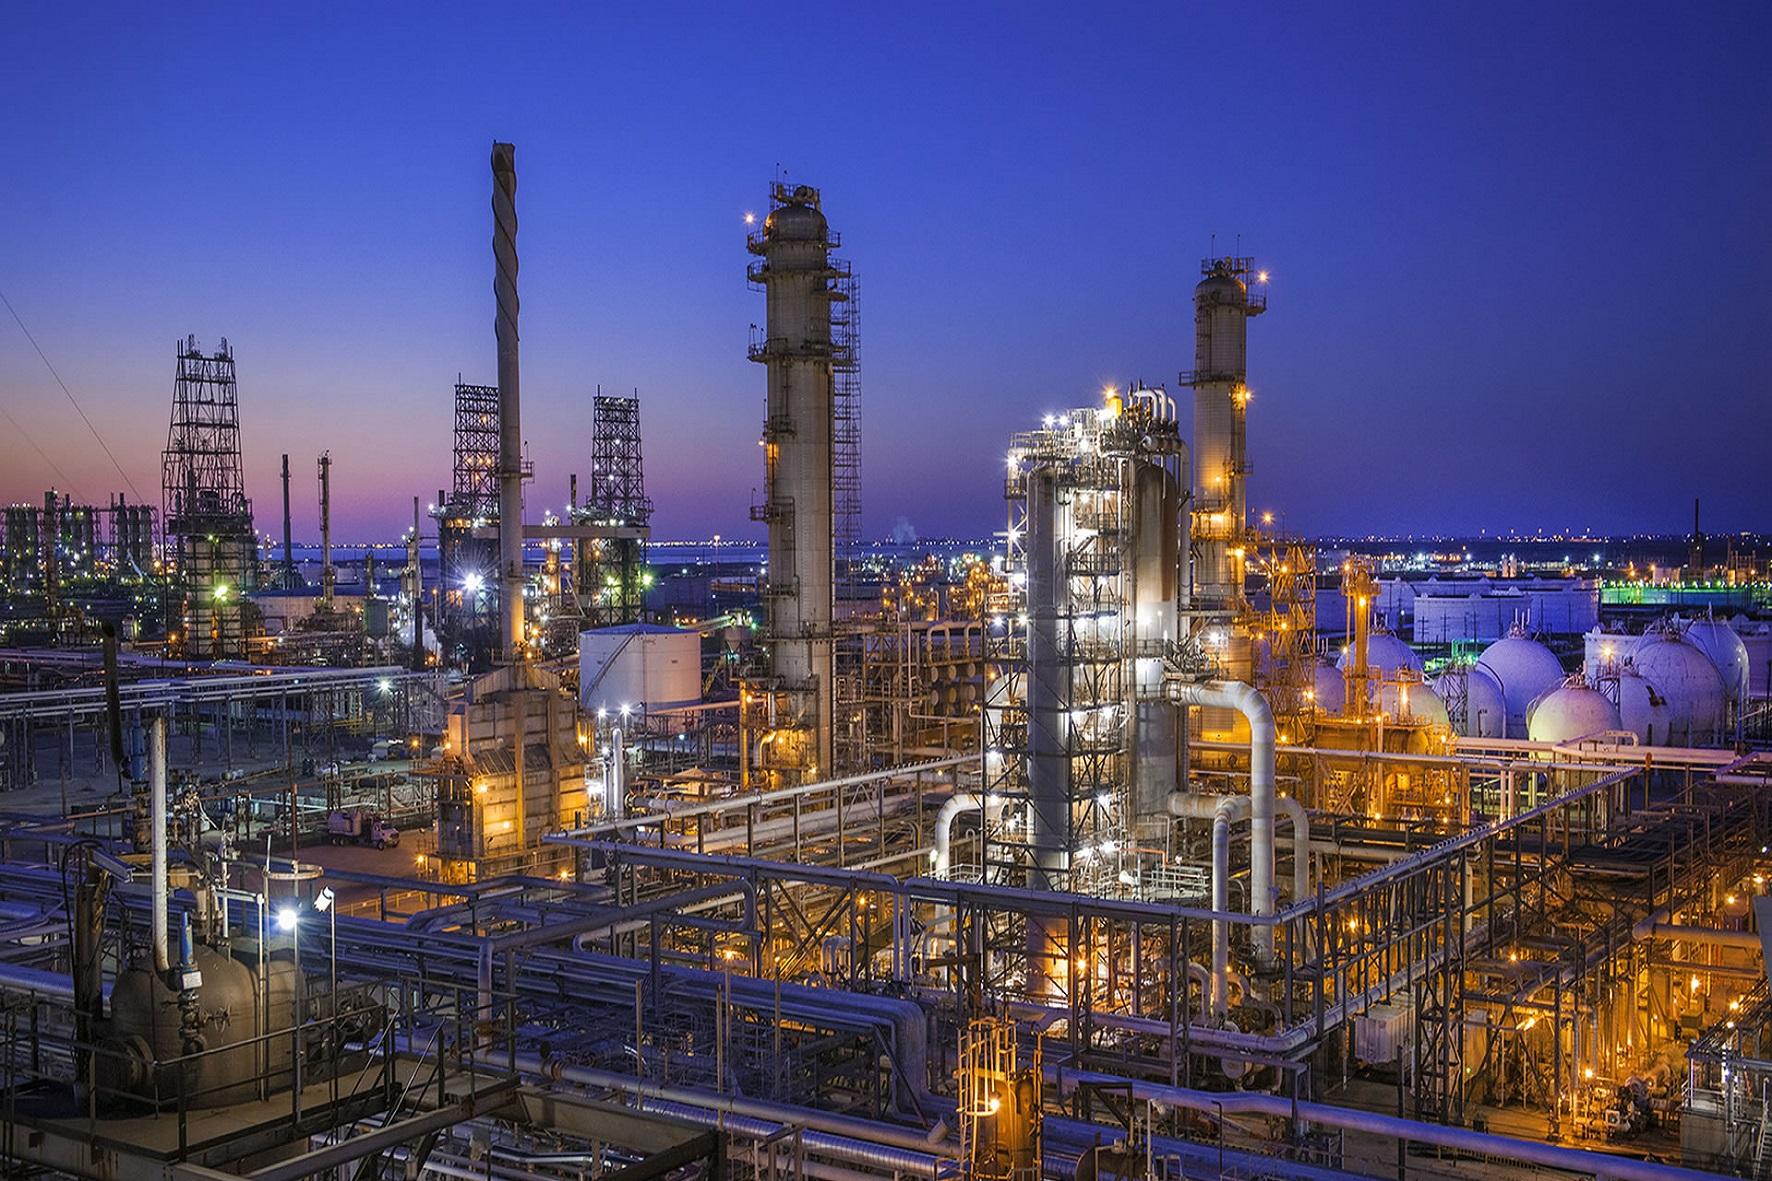 Безопасность объектов промышленности, нефтегазового сектора и энергетики